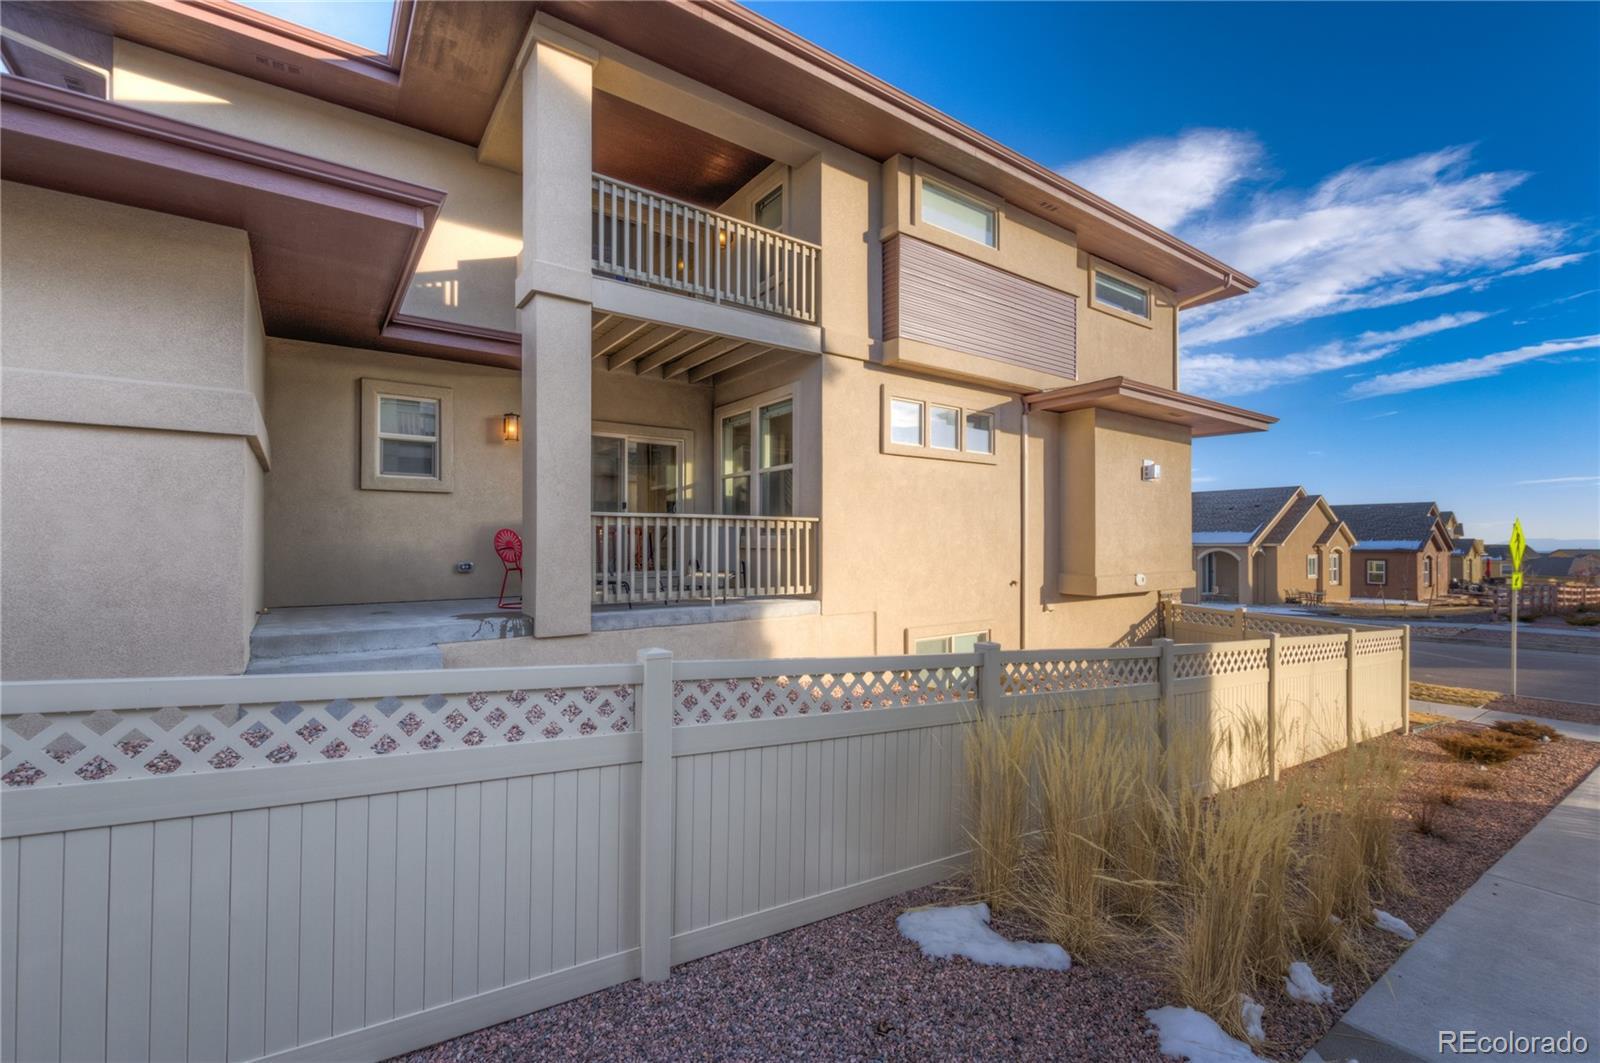 MLS# 9892836 - 34 - 6372 Cubbage Drive, Colorado Springs, CO 80924